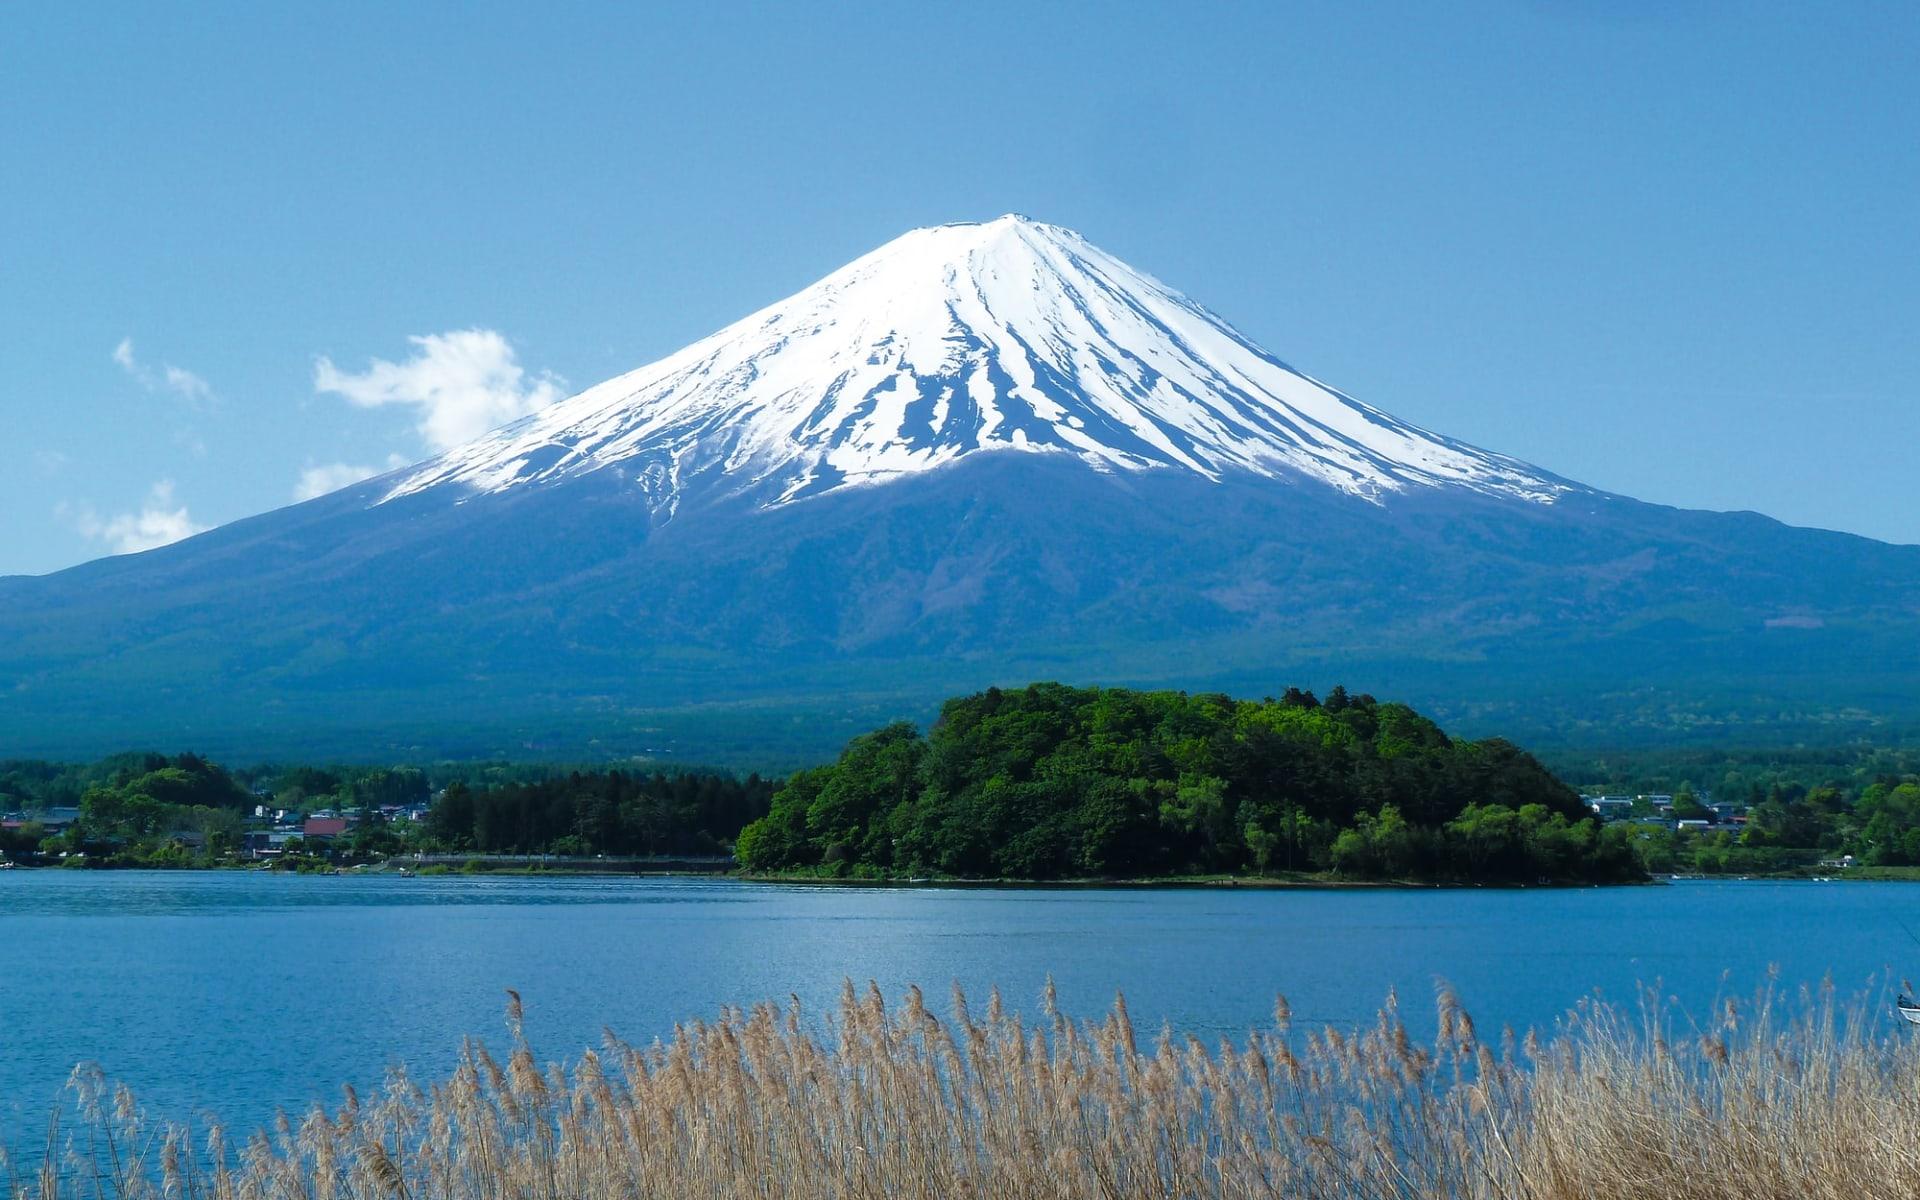 Leserreise Luzerner Zeitung / Reise ins Land der aufgehenden Sonne ab Tokio: Japan Berg und See